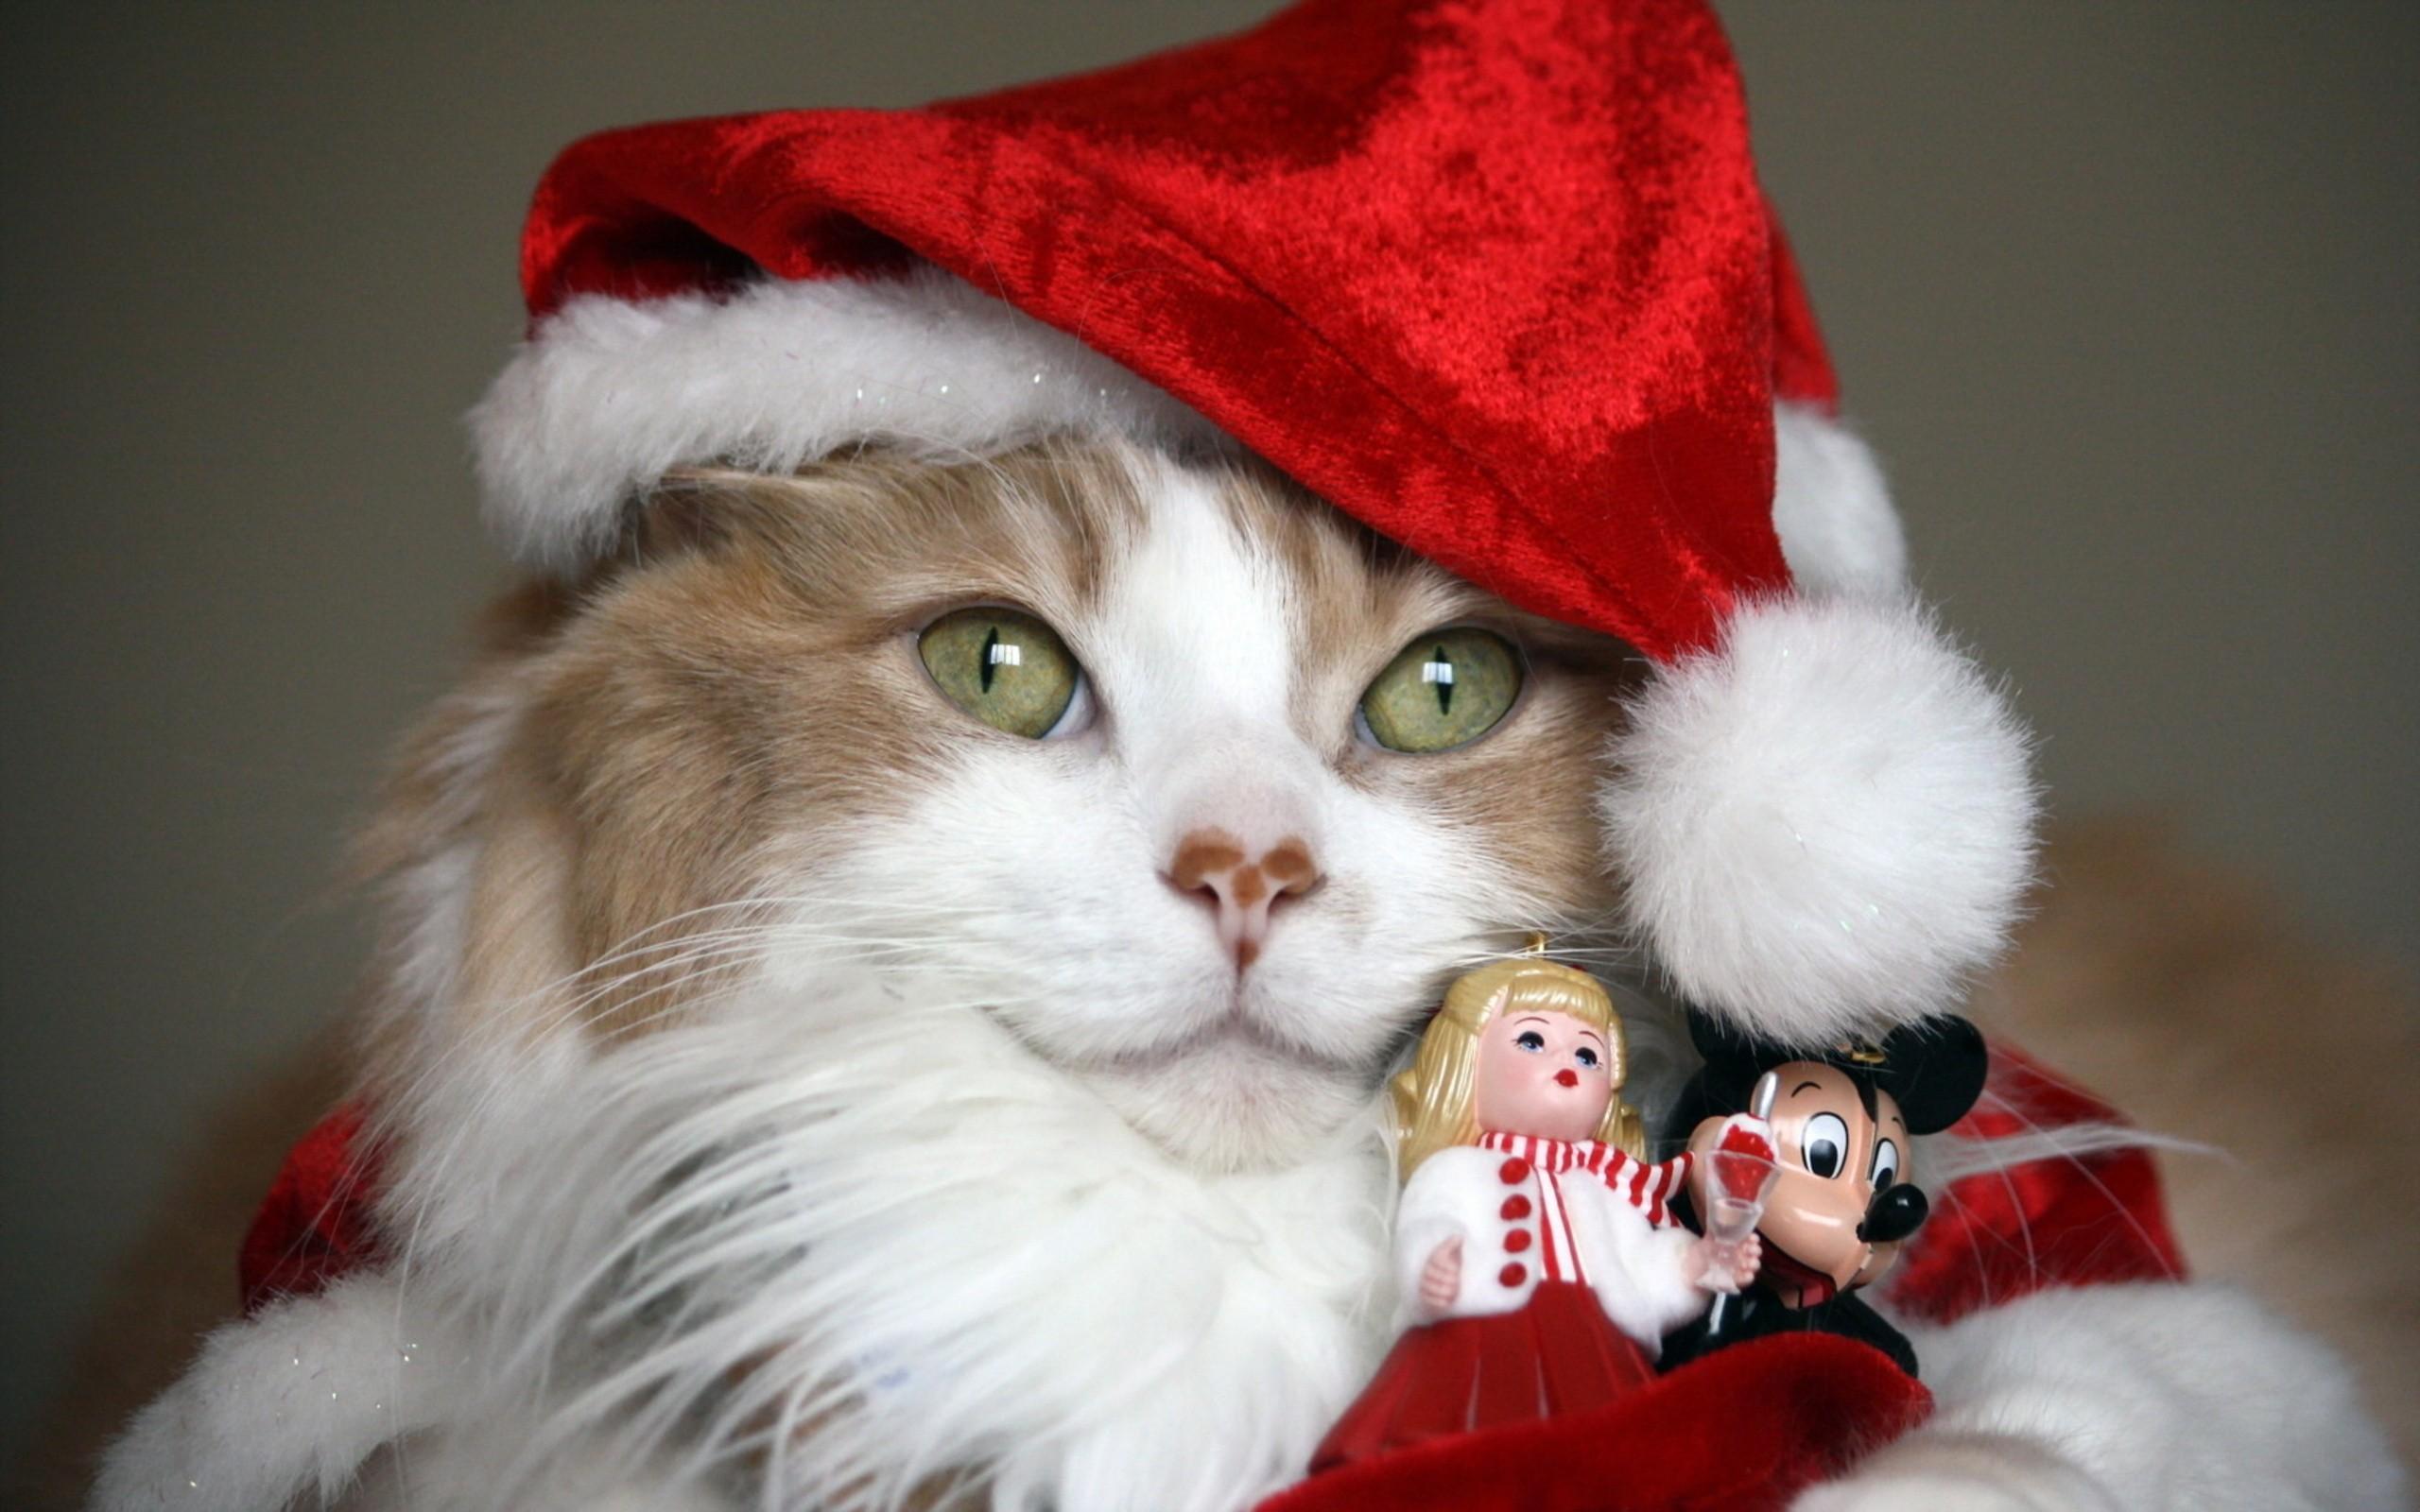 Gato con adornos de navidad - 2560x1600